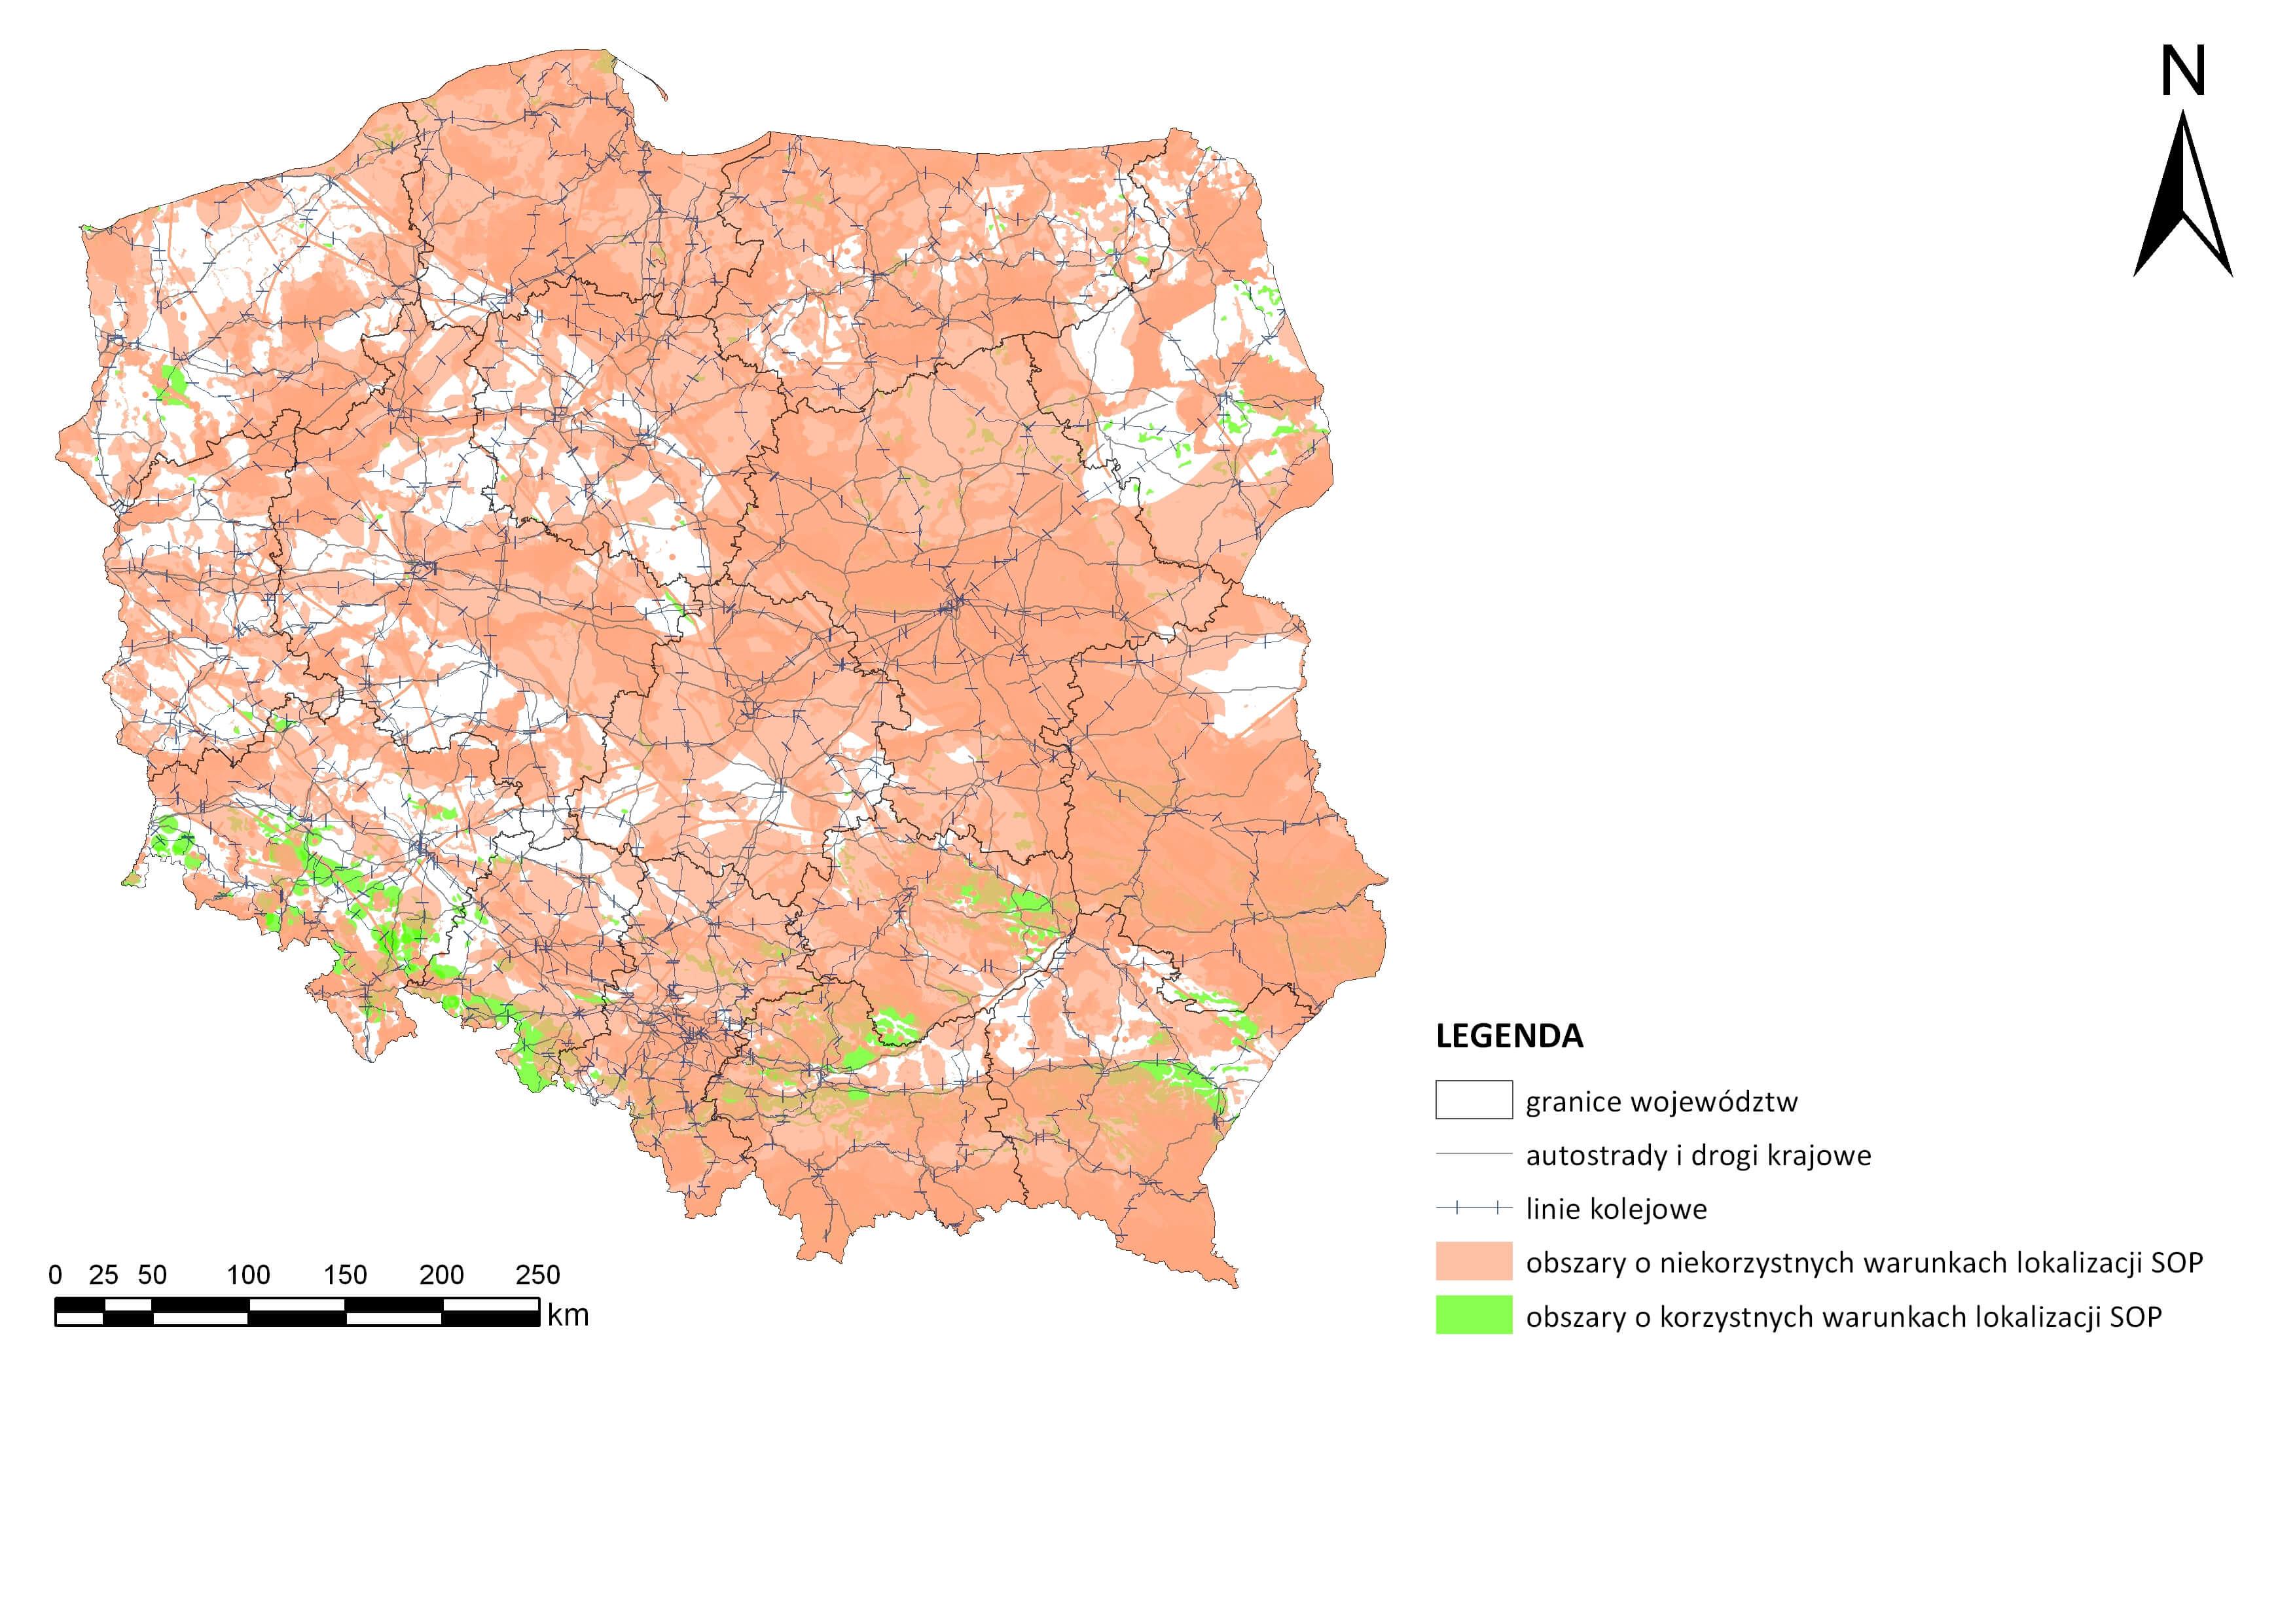 Rys. 2. Obszary o warunkach korzystnych i niekorzystnych dla lokalizacji składowiska odpadów promieniotwórczych w Polsce